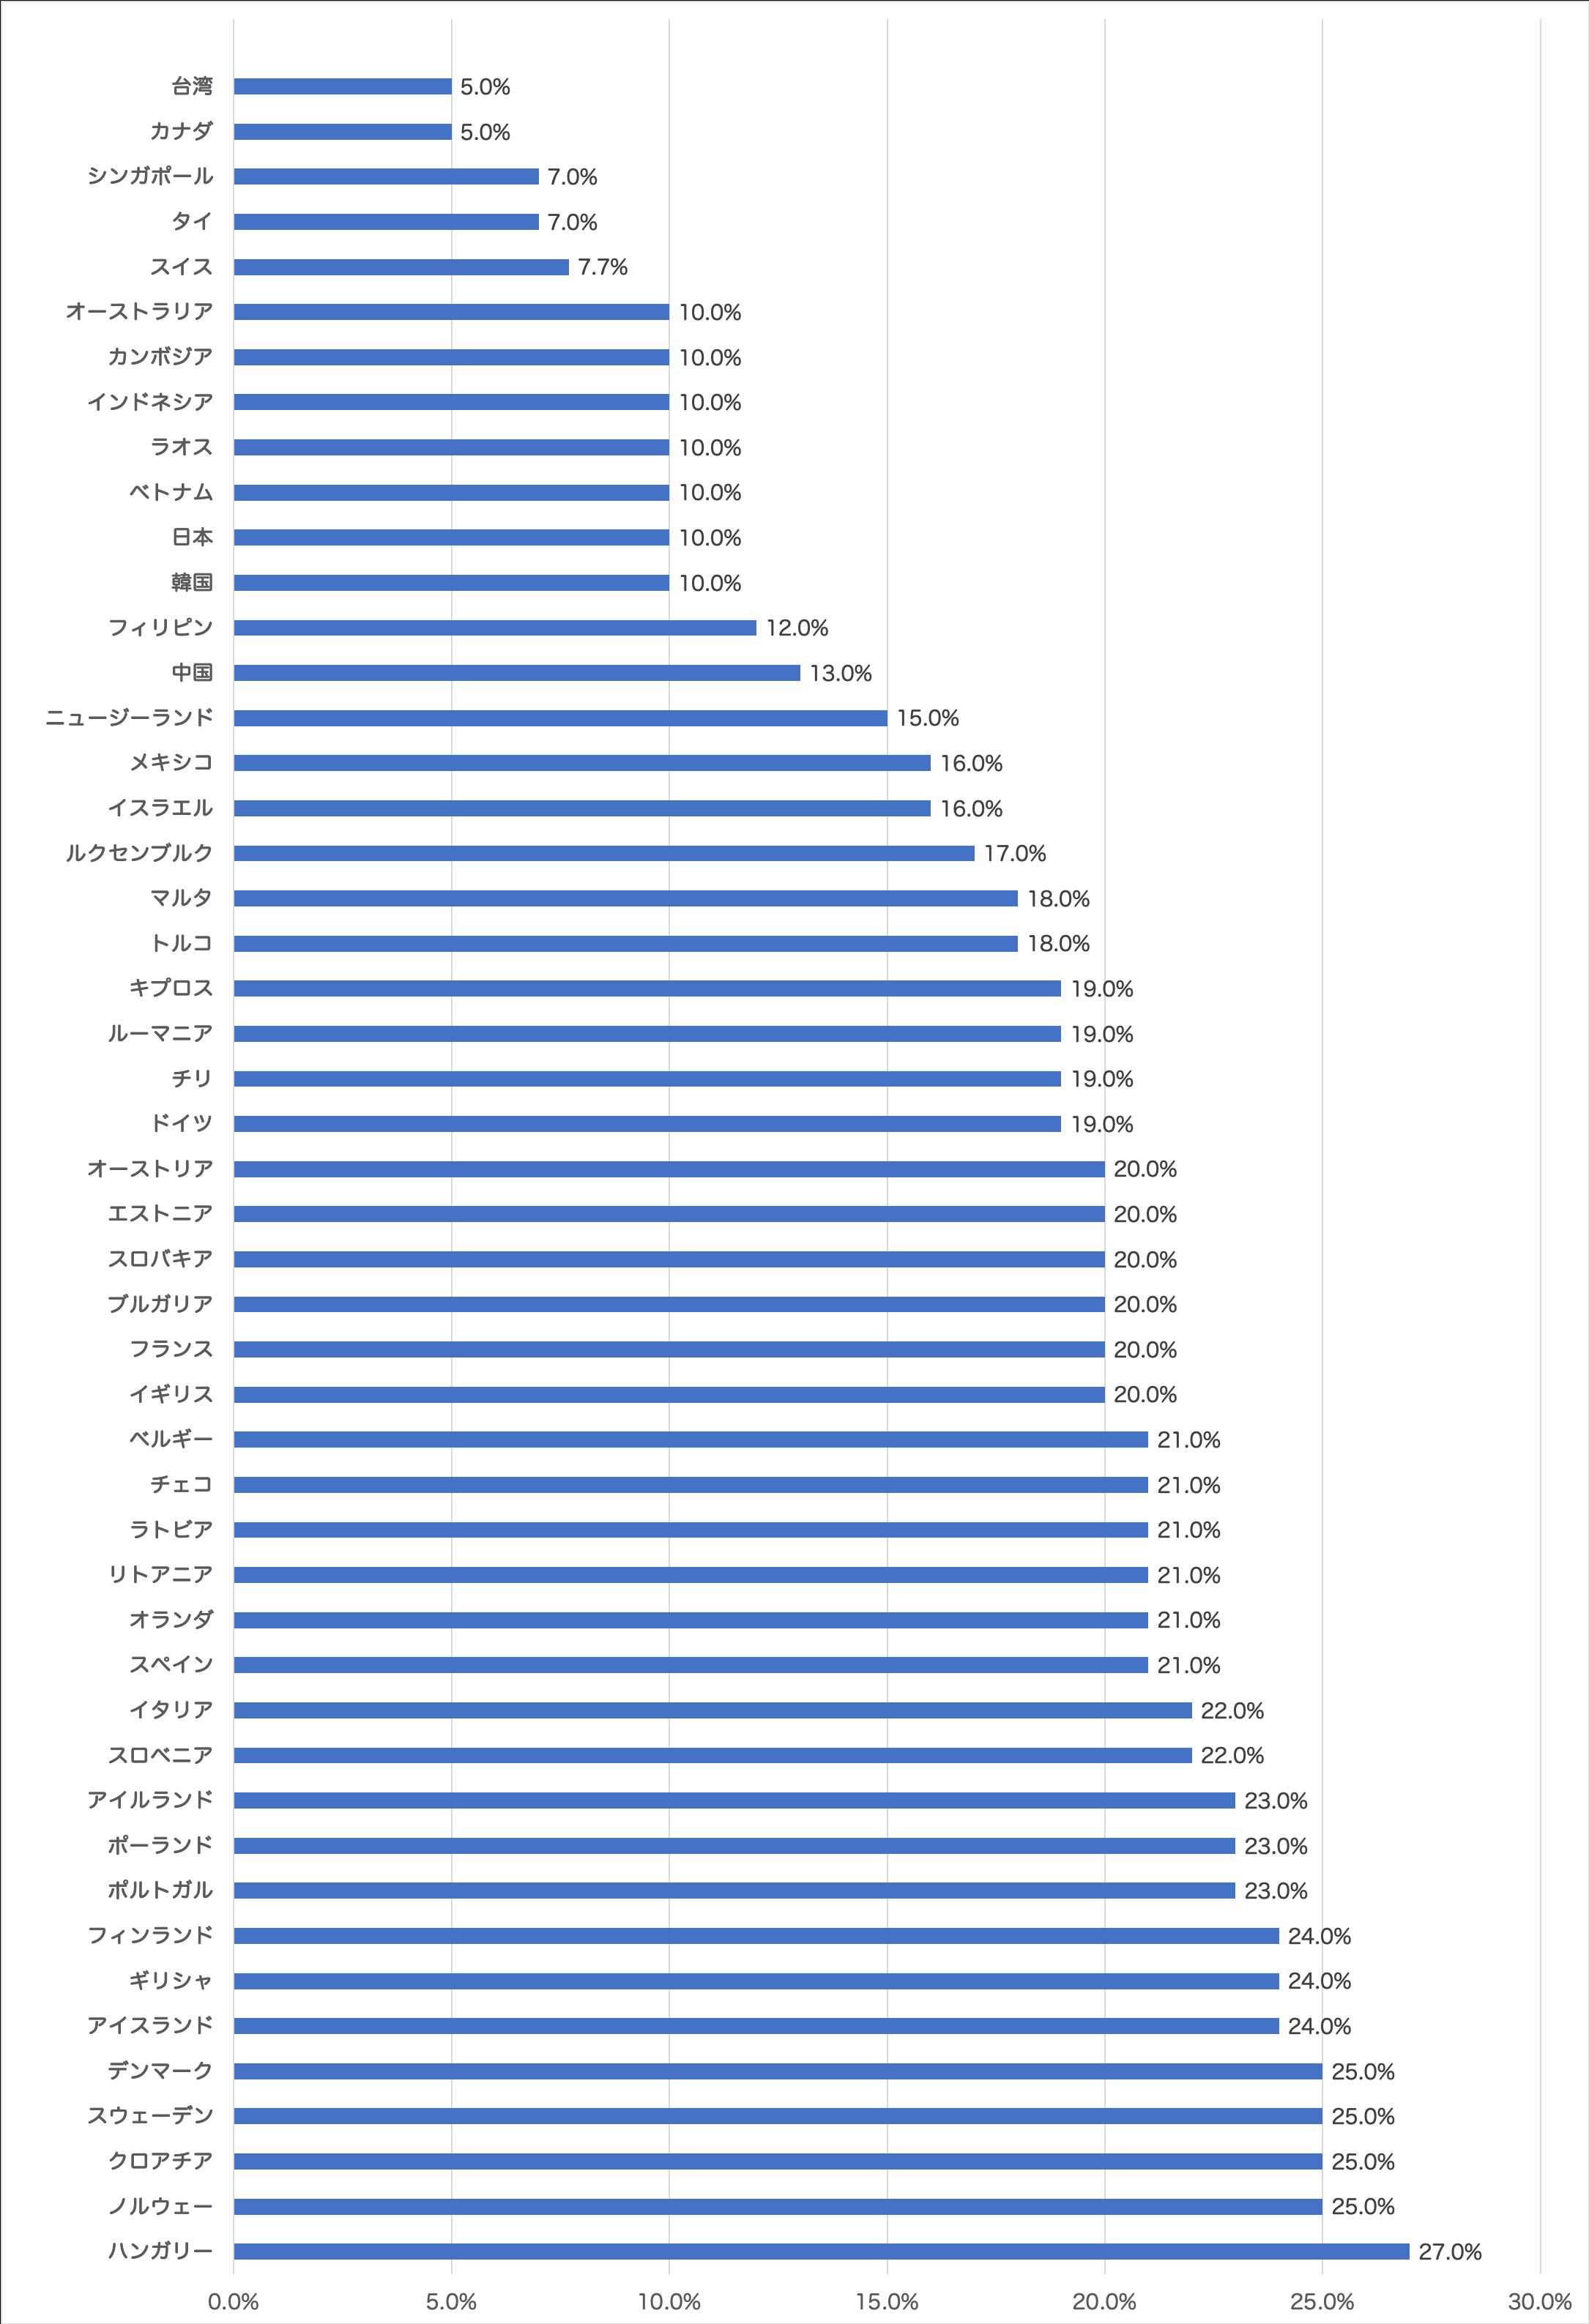 世界の消費税の国際比較のグラフ (1)